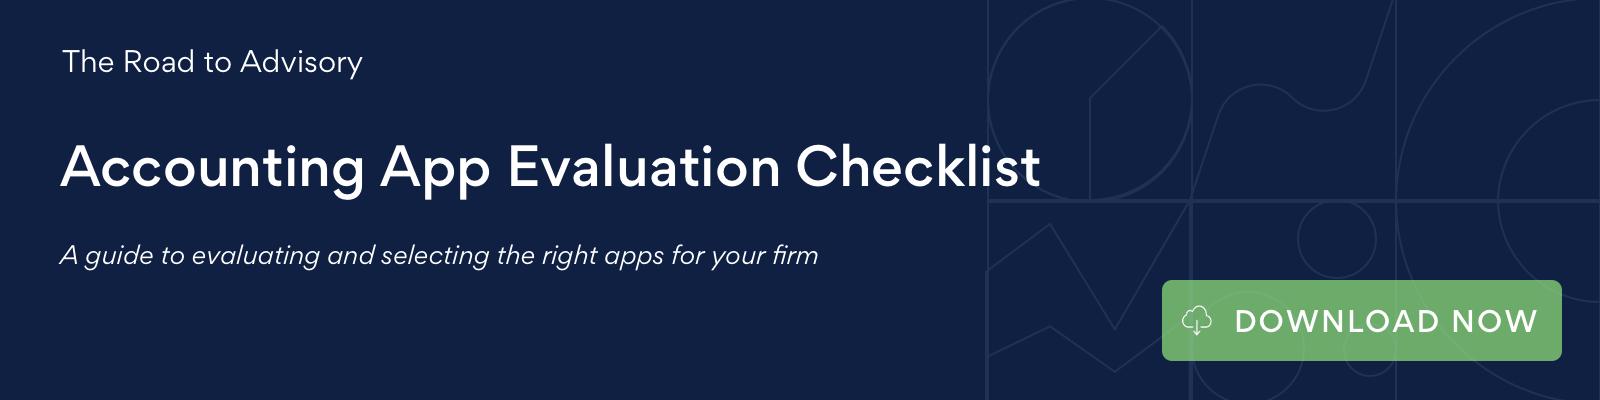 Accounting App Evaluation Checklist CTA